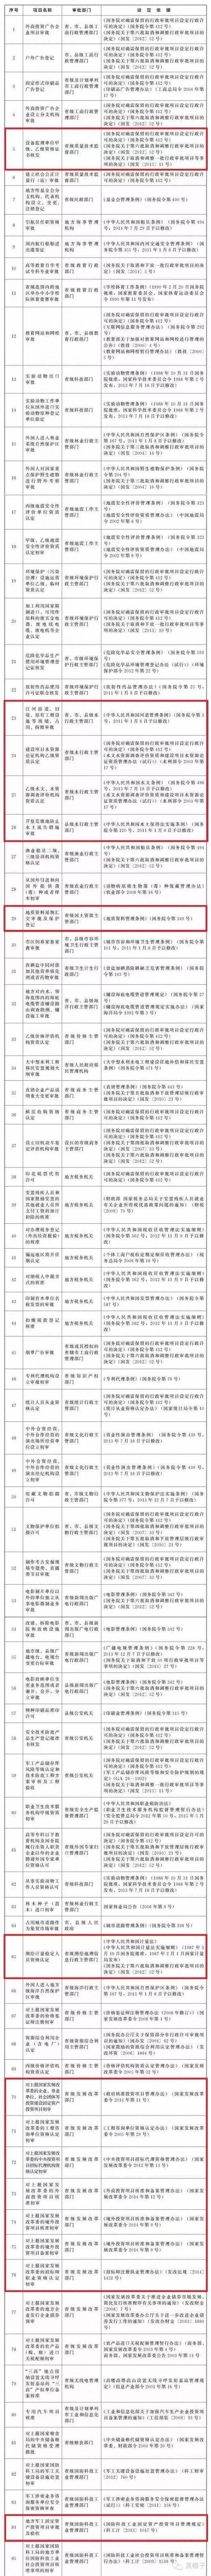 国务院:取消152项行政审批事项,涉工程建设领域40余项_1